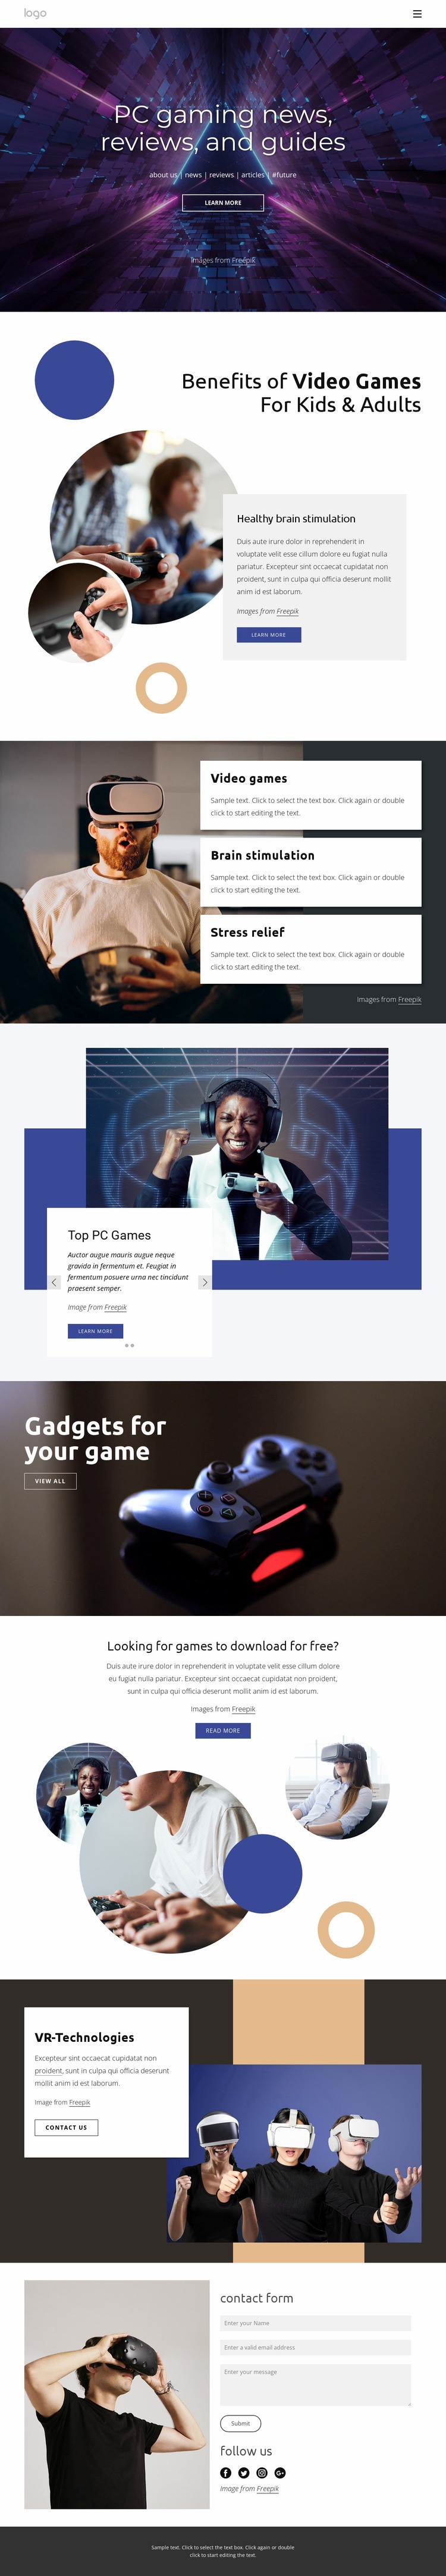 PC gaming news Web Page Designer